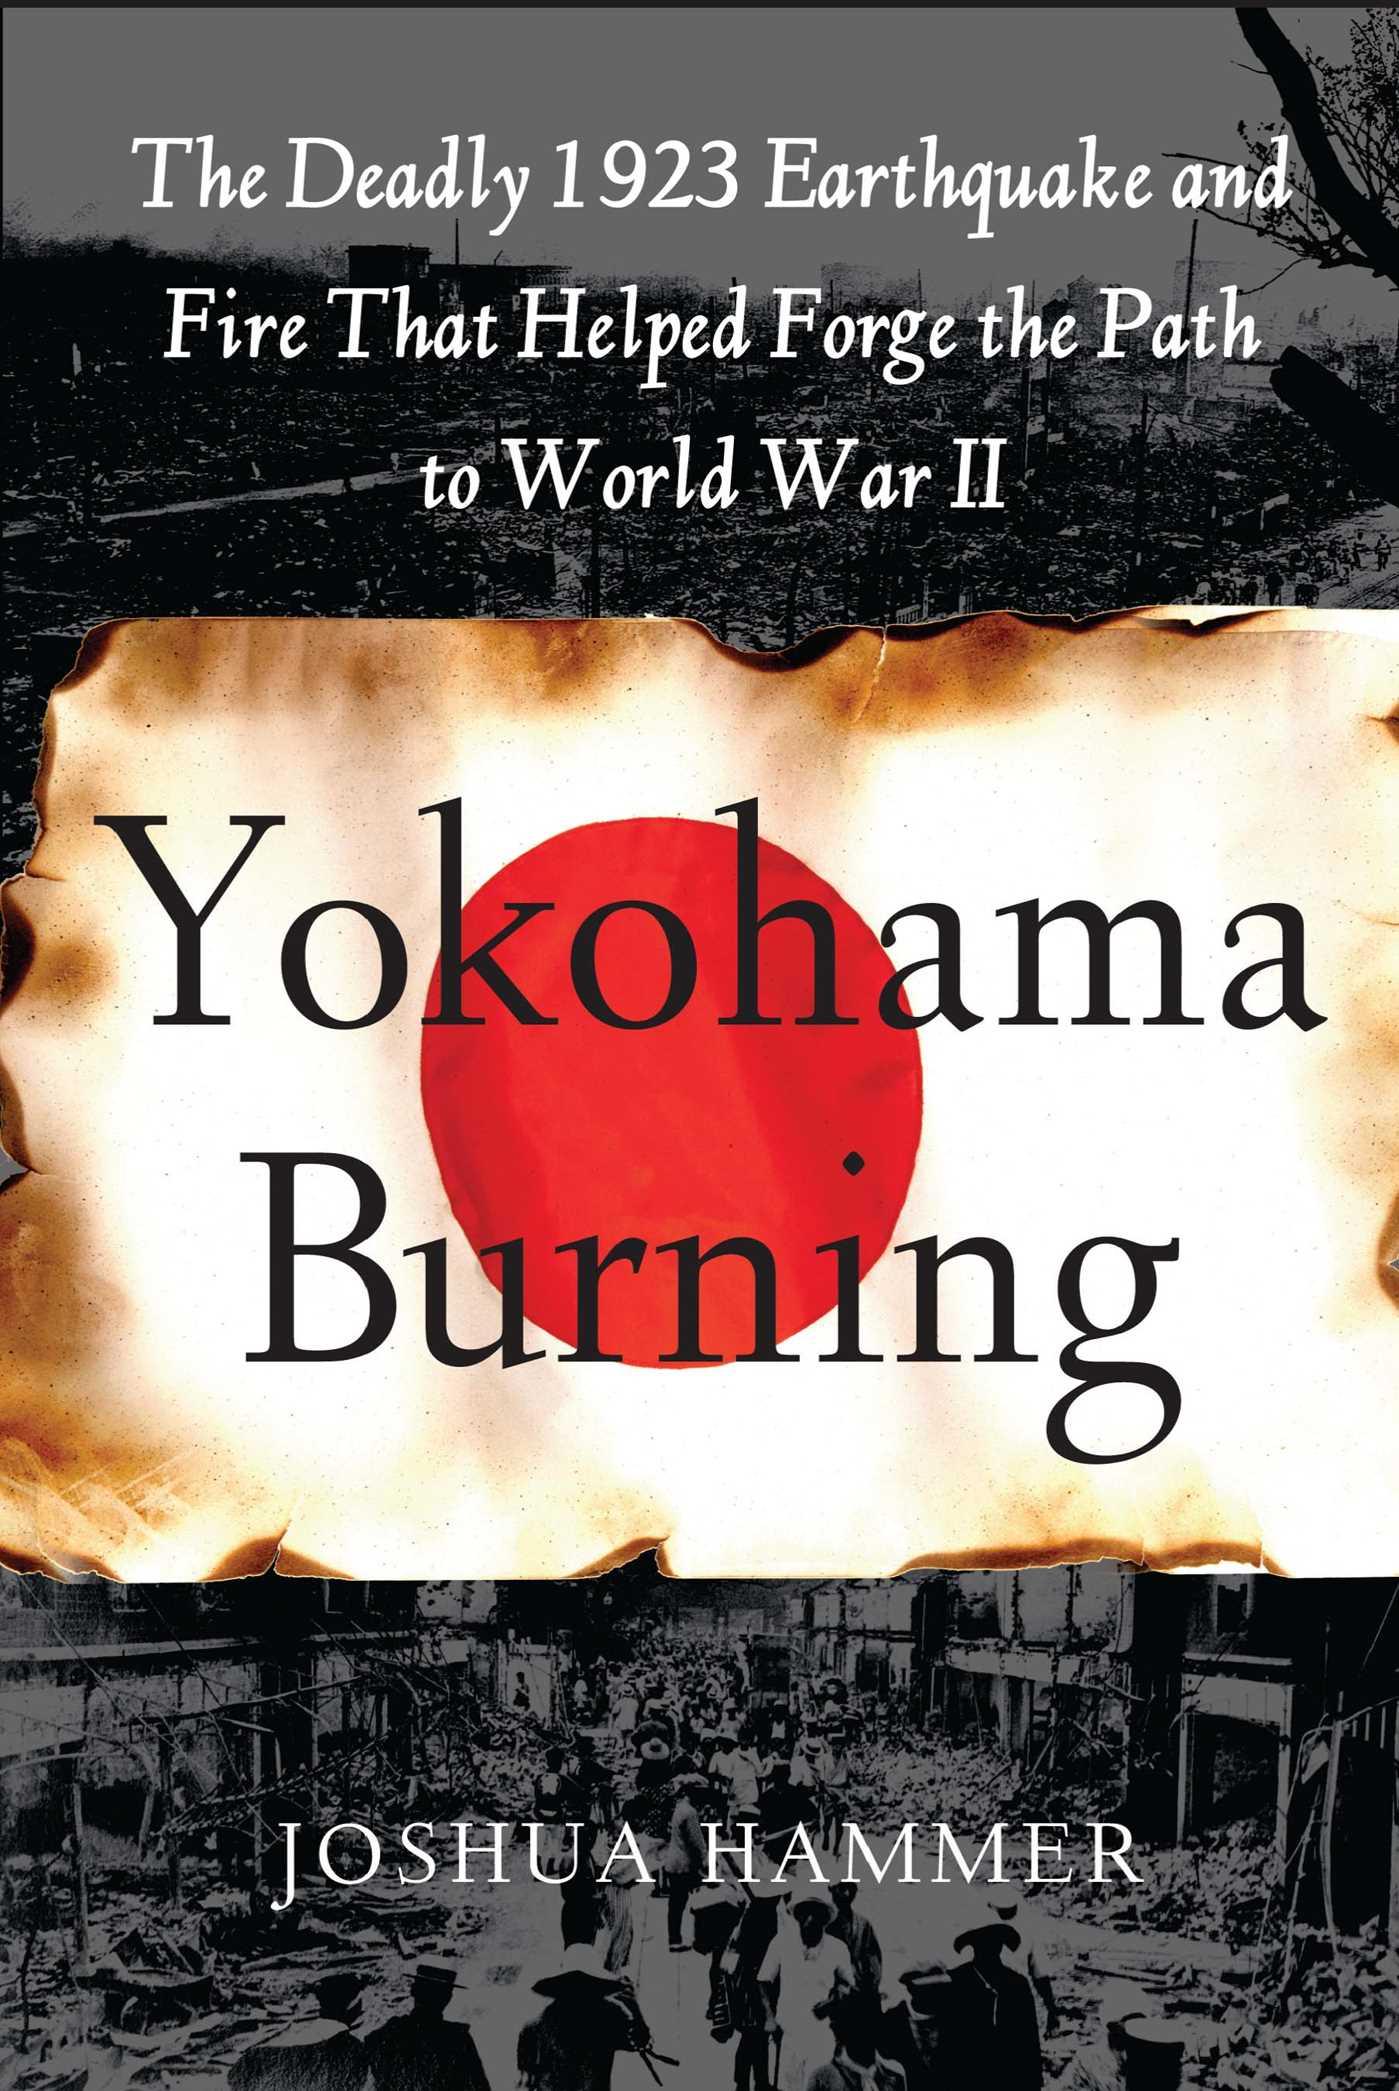 Yokohama burning 9780743264662 hr